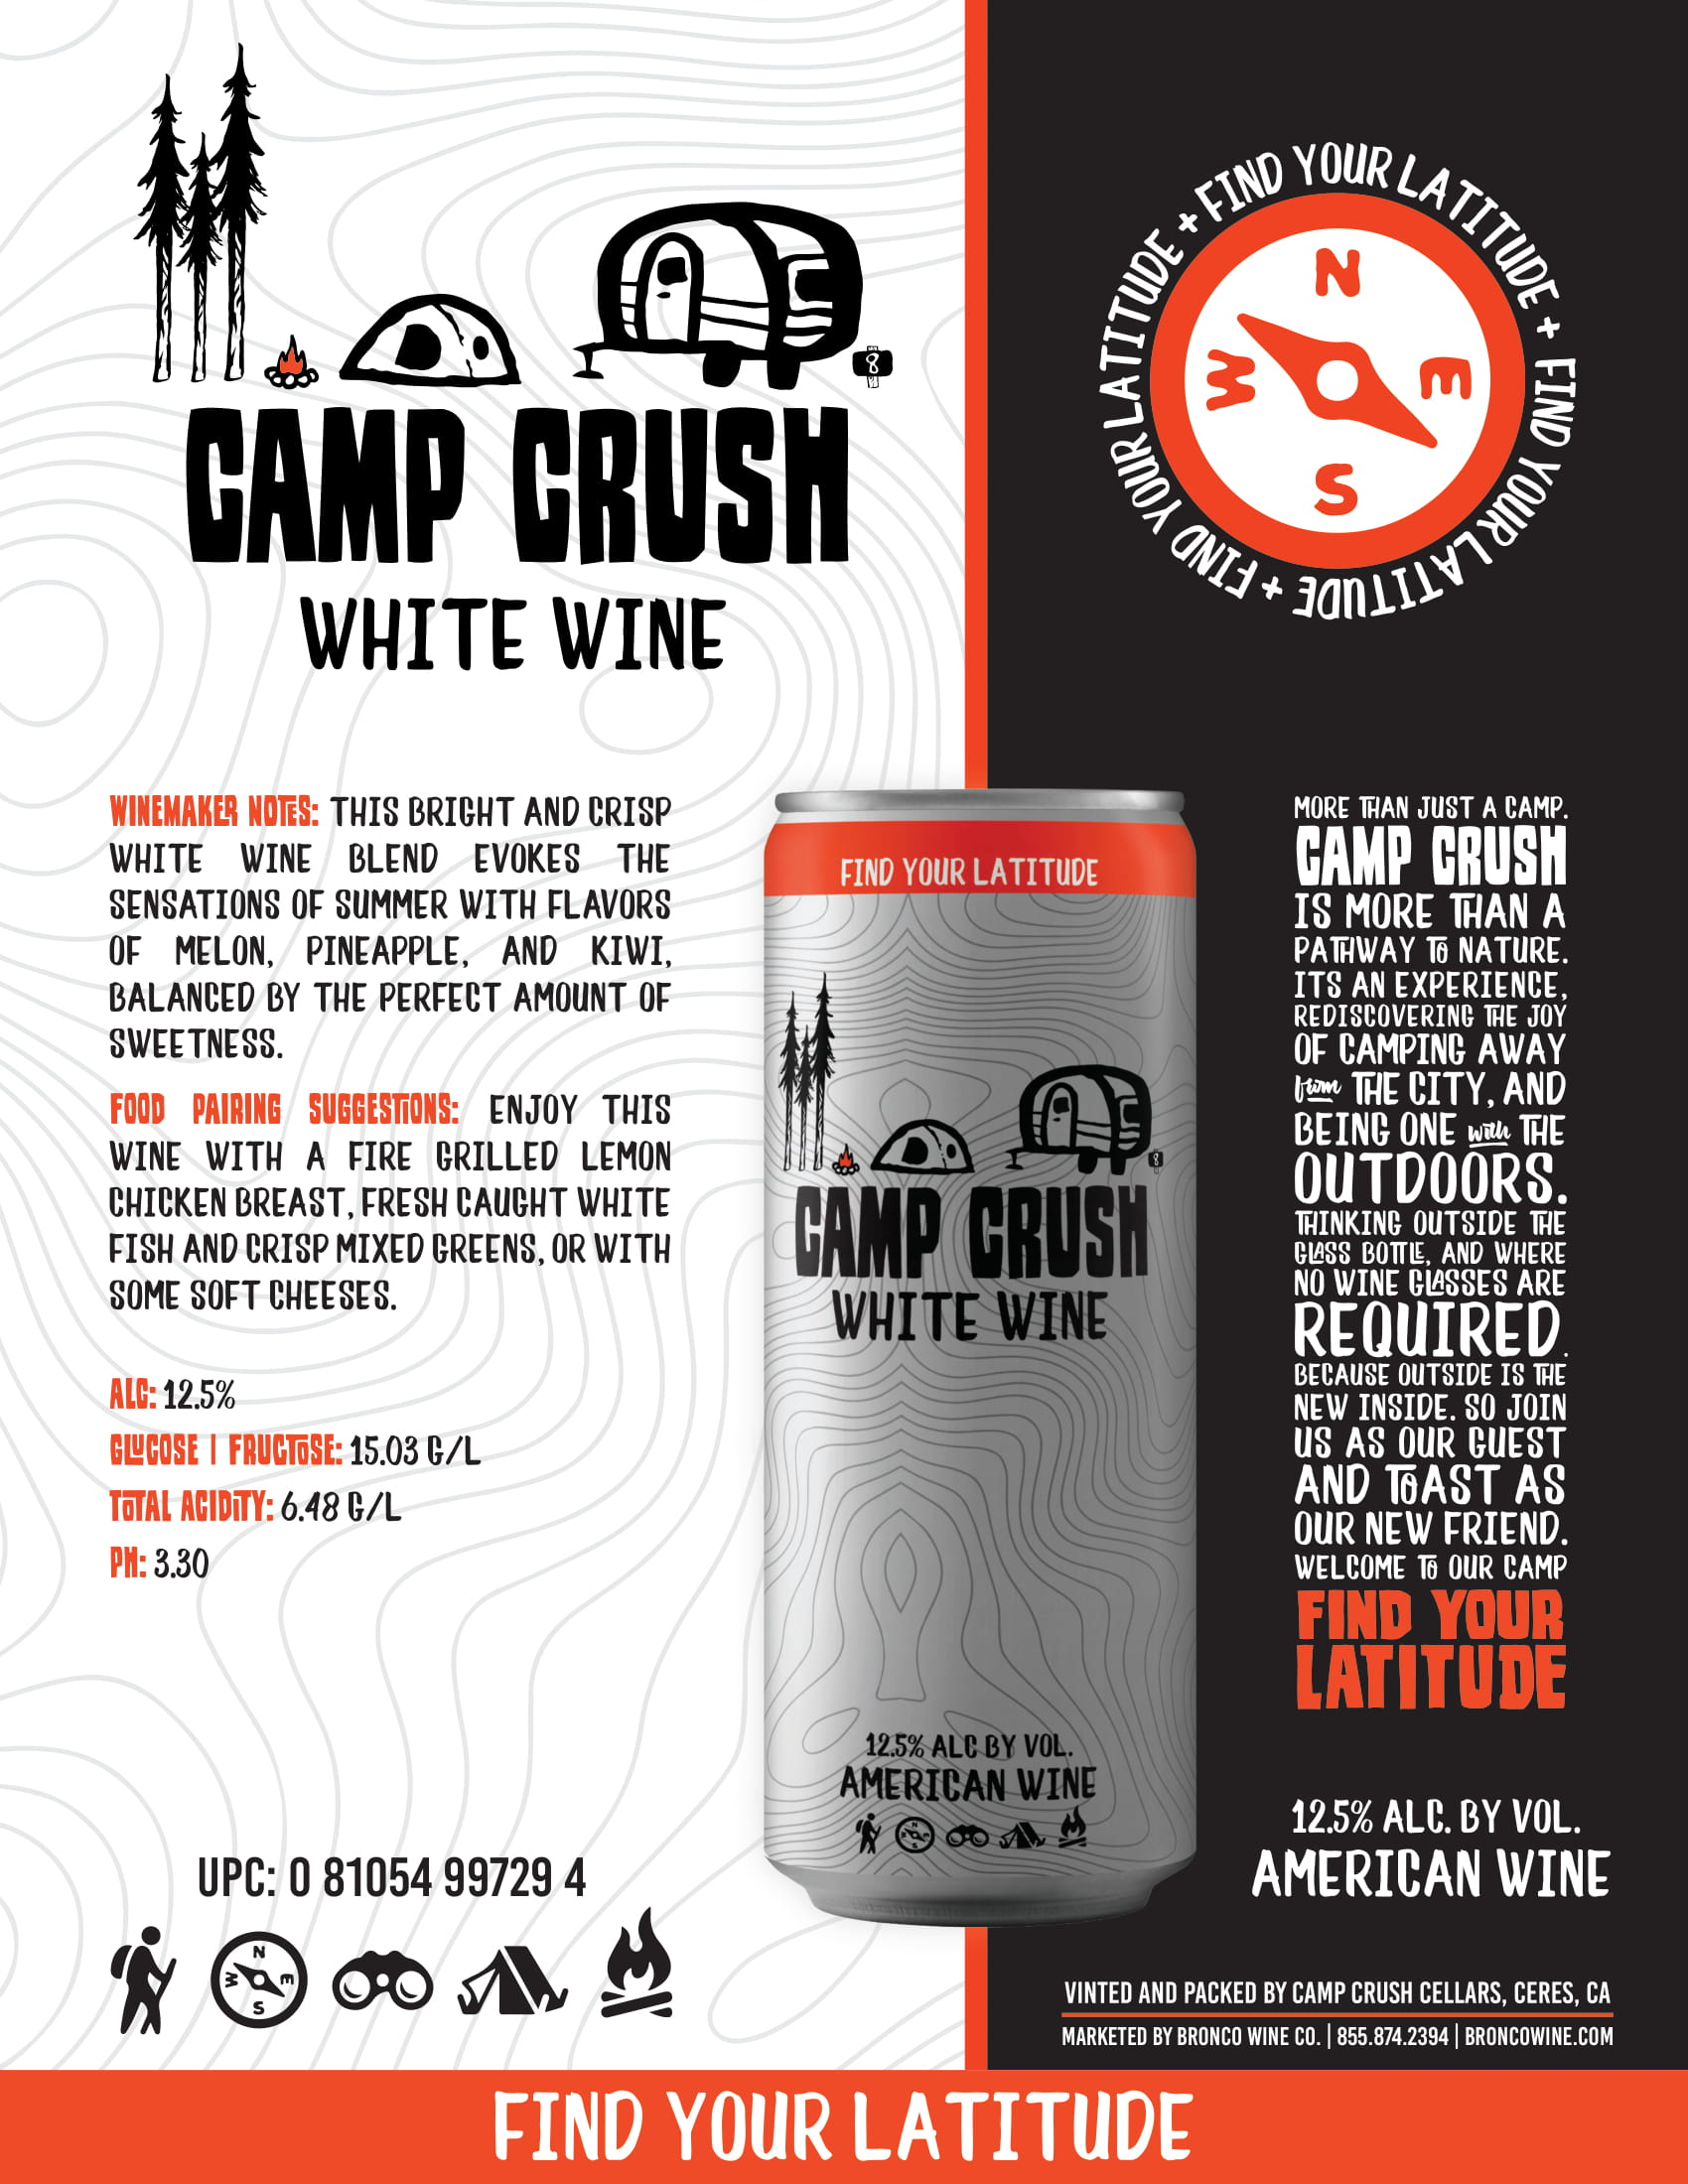 Camp Crush White Wine Sell Sheet